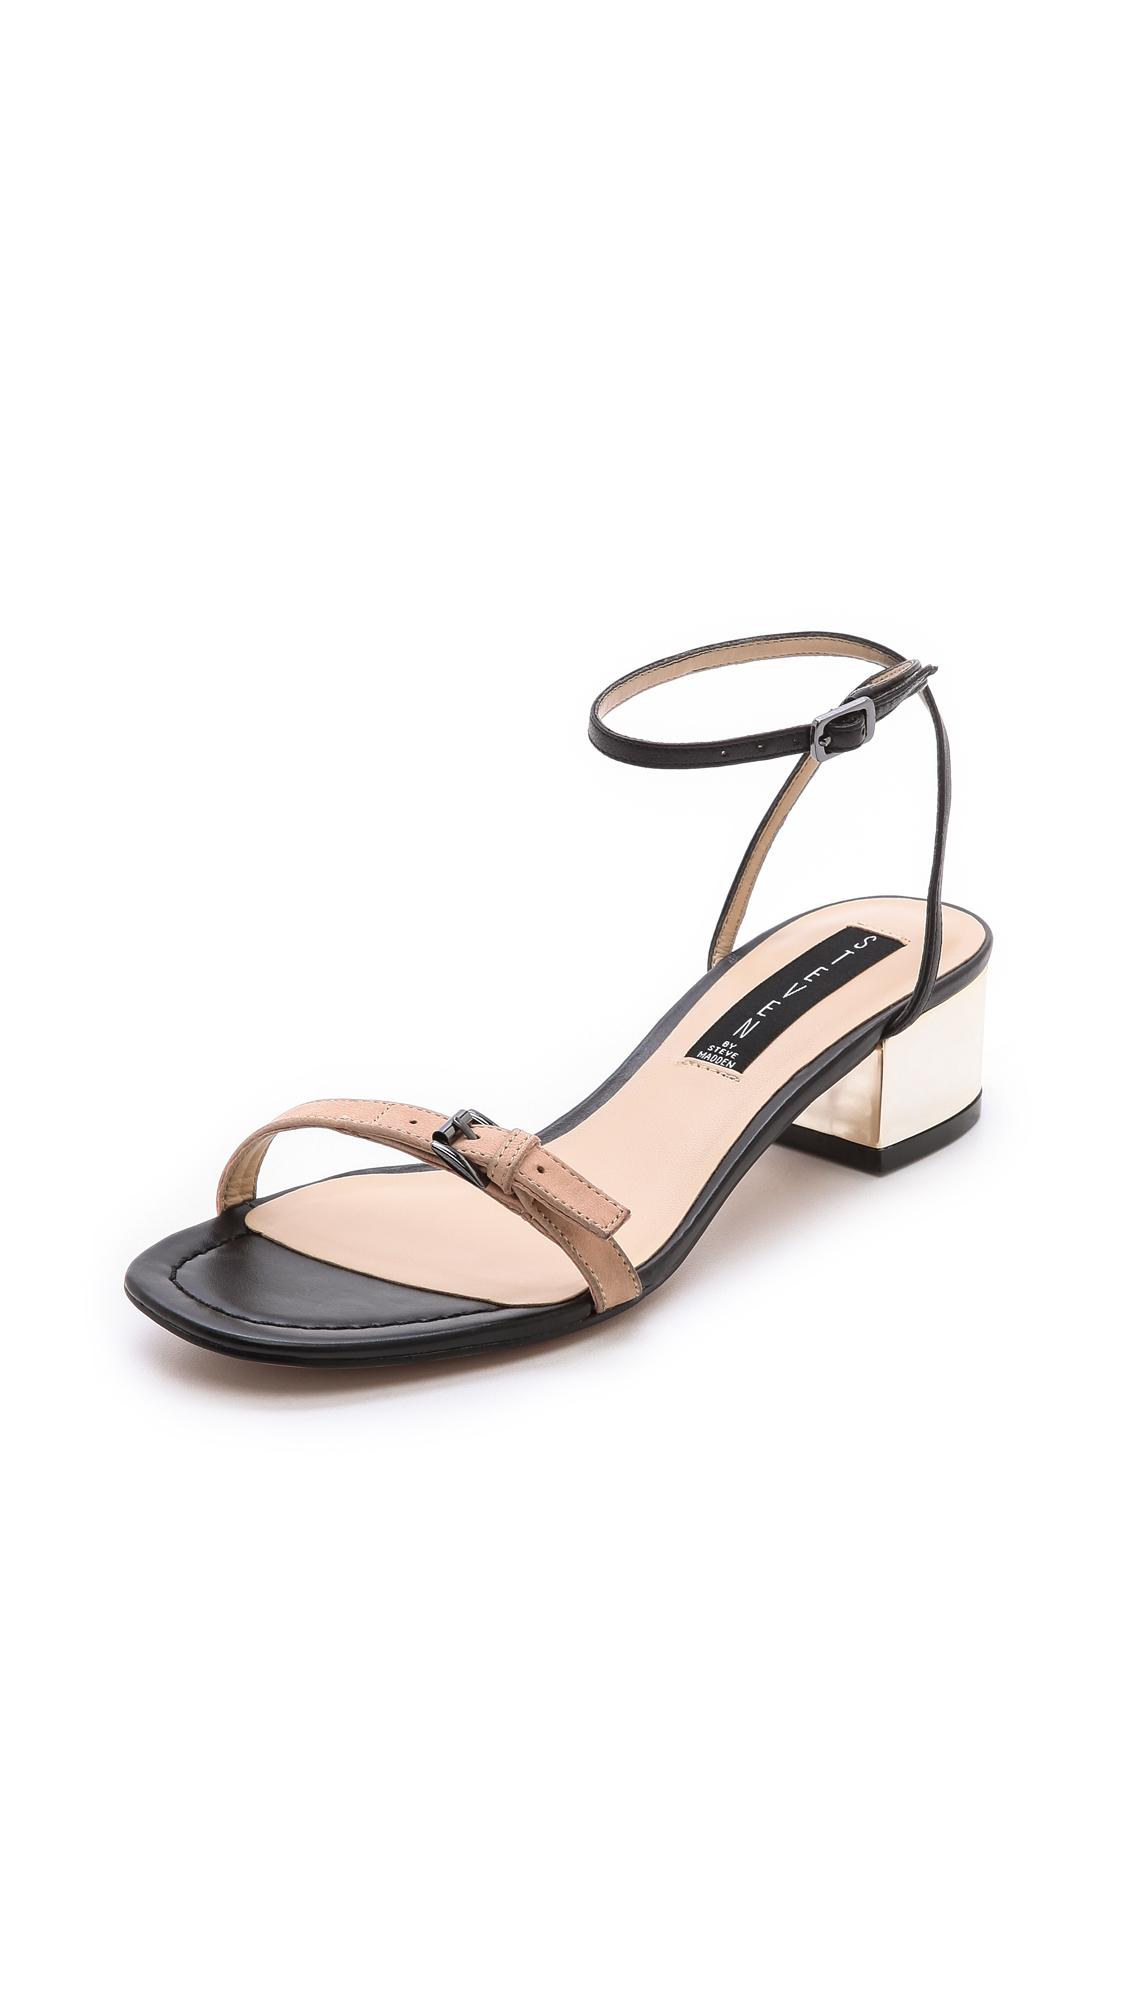 ee4df0ed976 Steven by Steve Madden Linda Low Heel Sandals in Black - Lyst